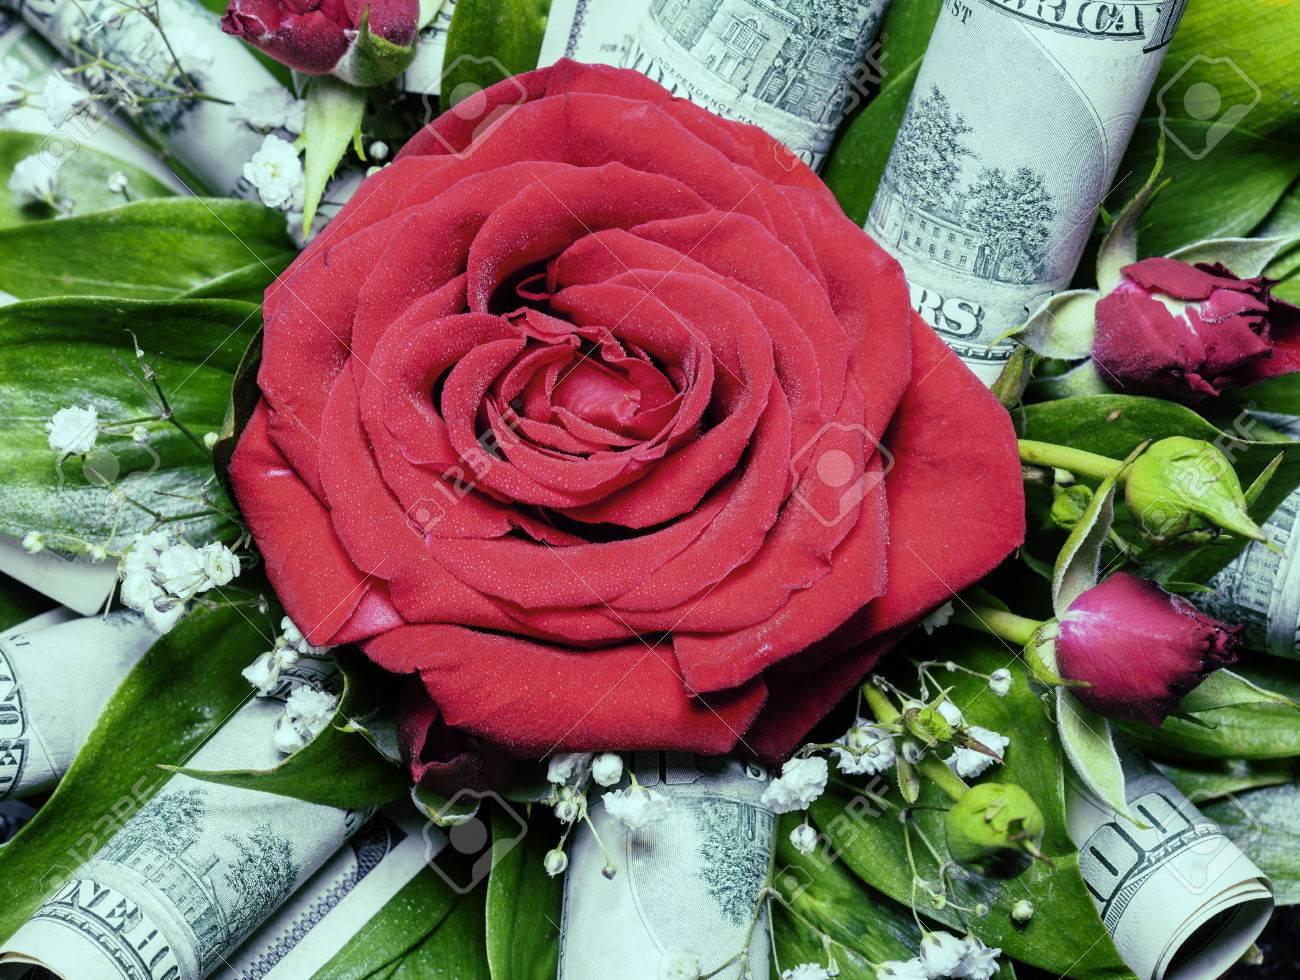 Rot Stieg In Blumenstrauß Mit Hundert Dollar Noten, Ideales Geschenk ...